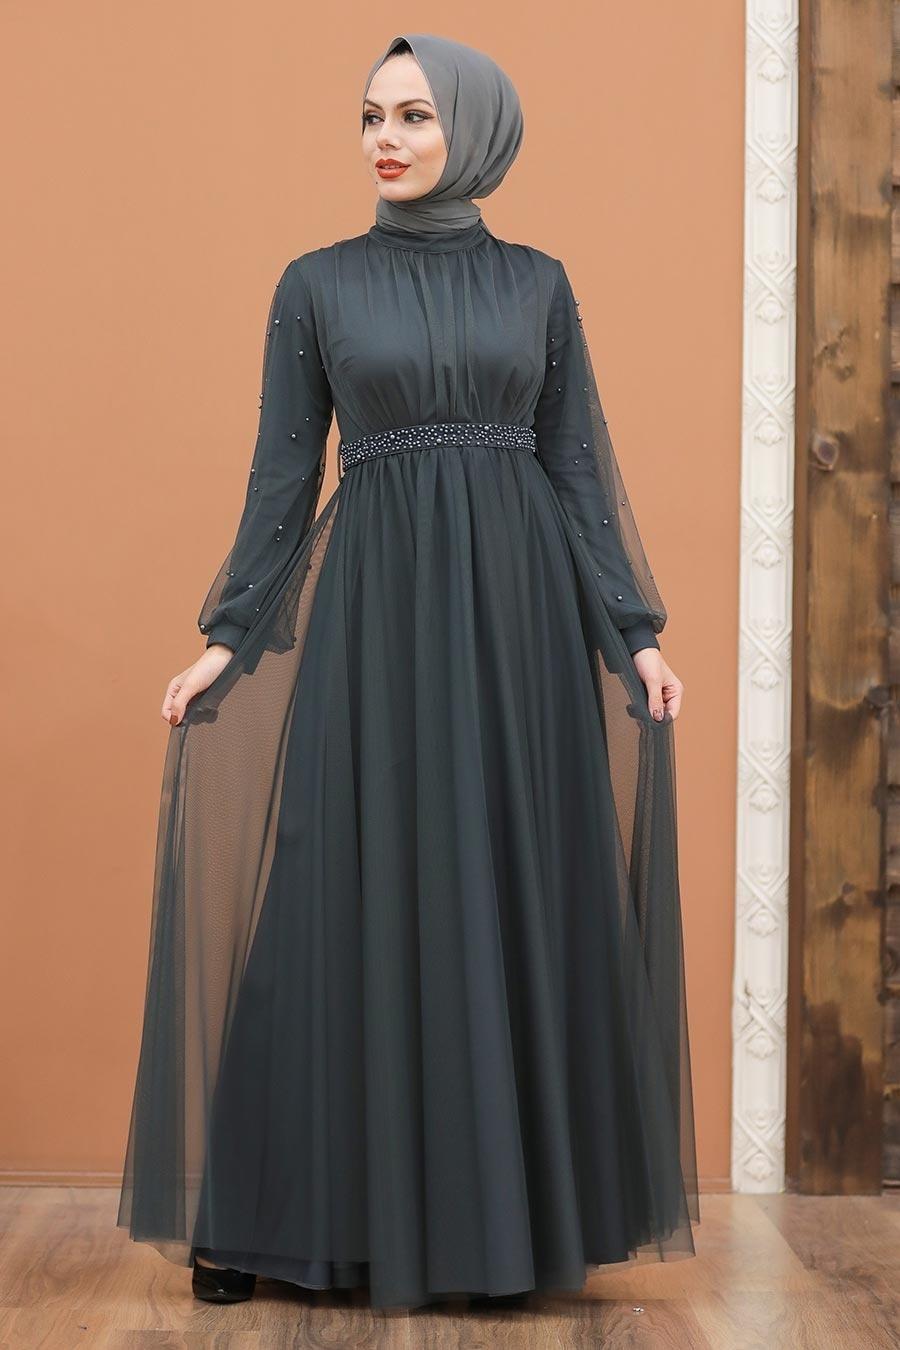 Tesettürlü Abiye Elbise - İnci Detaylı Füme Tesettür Abiye Elbise 5514FU